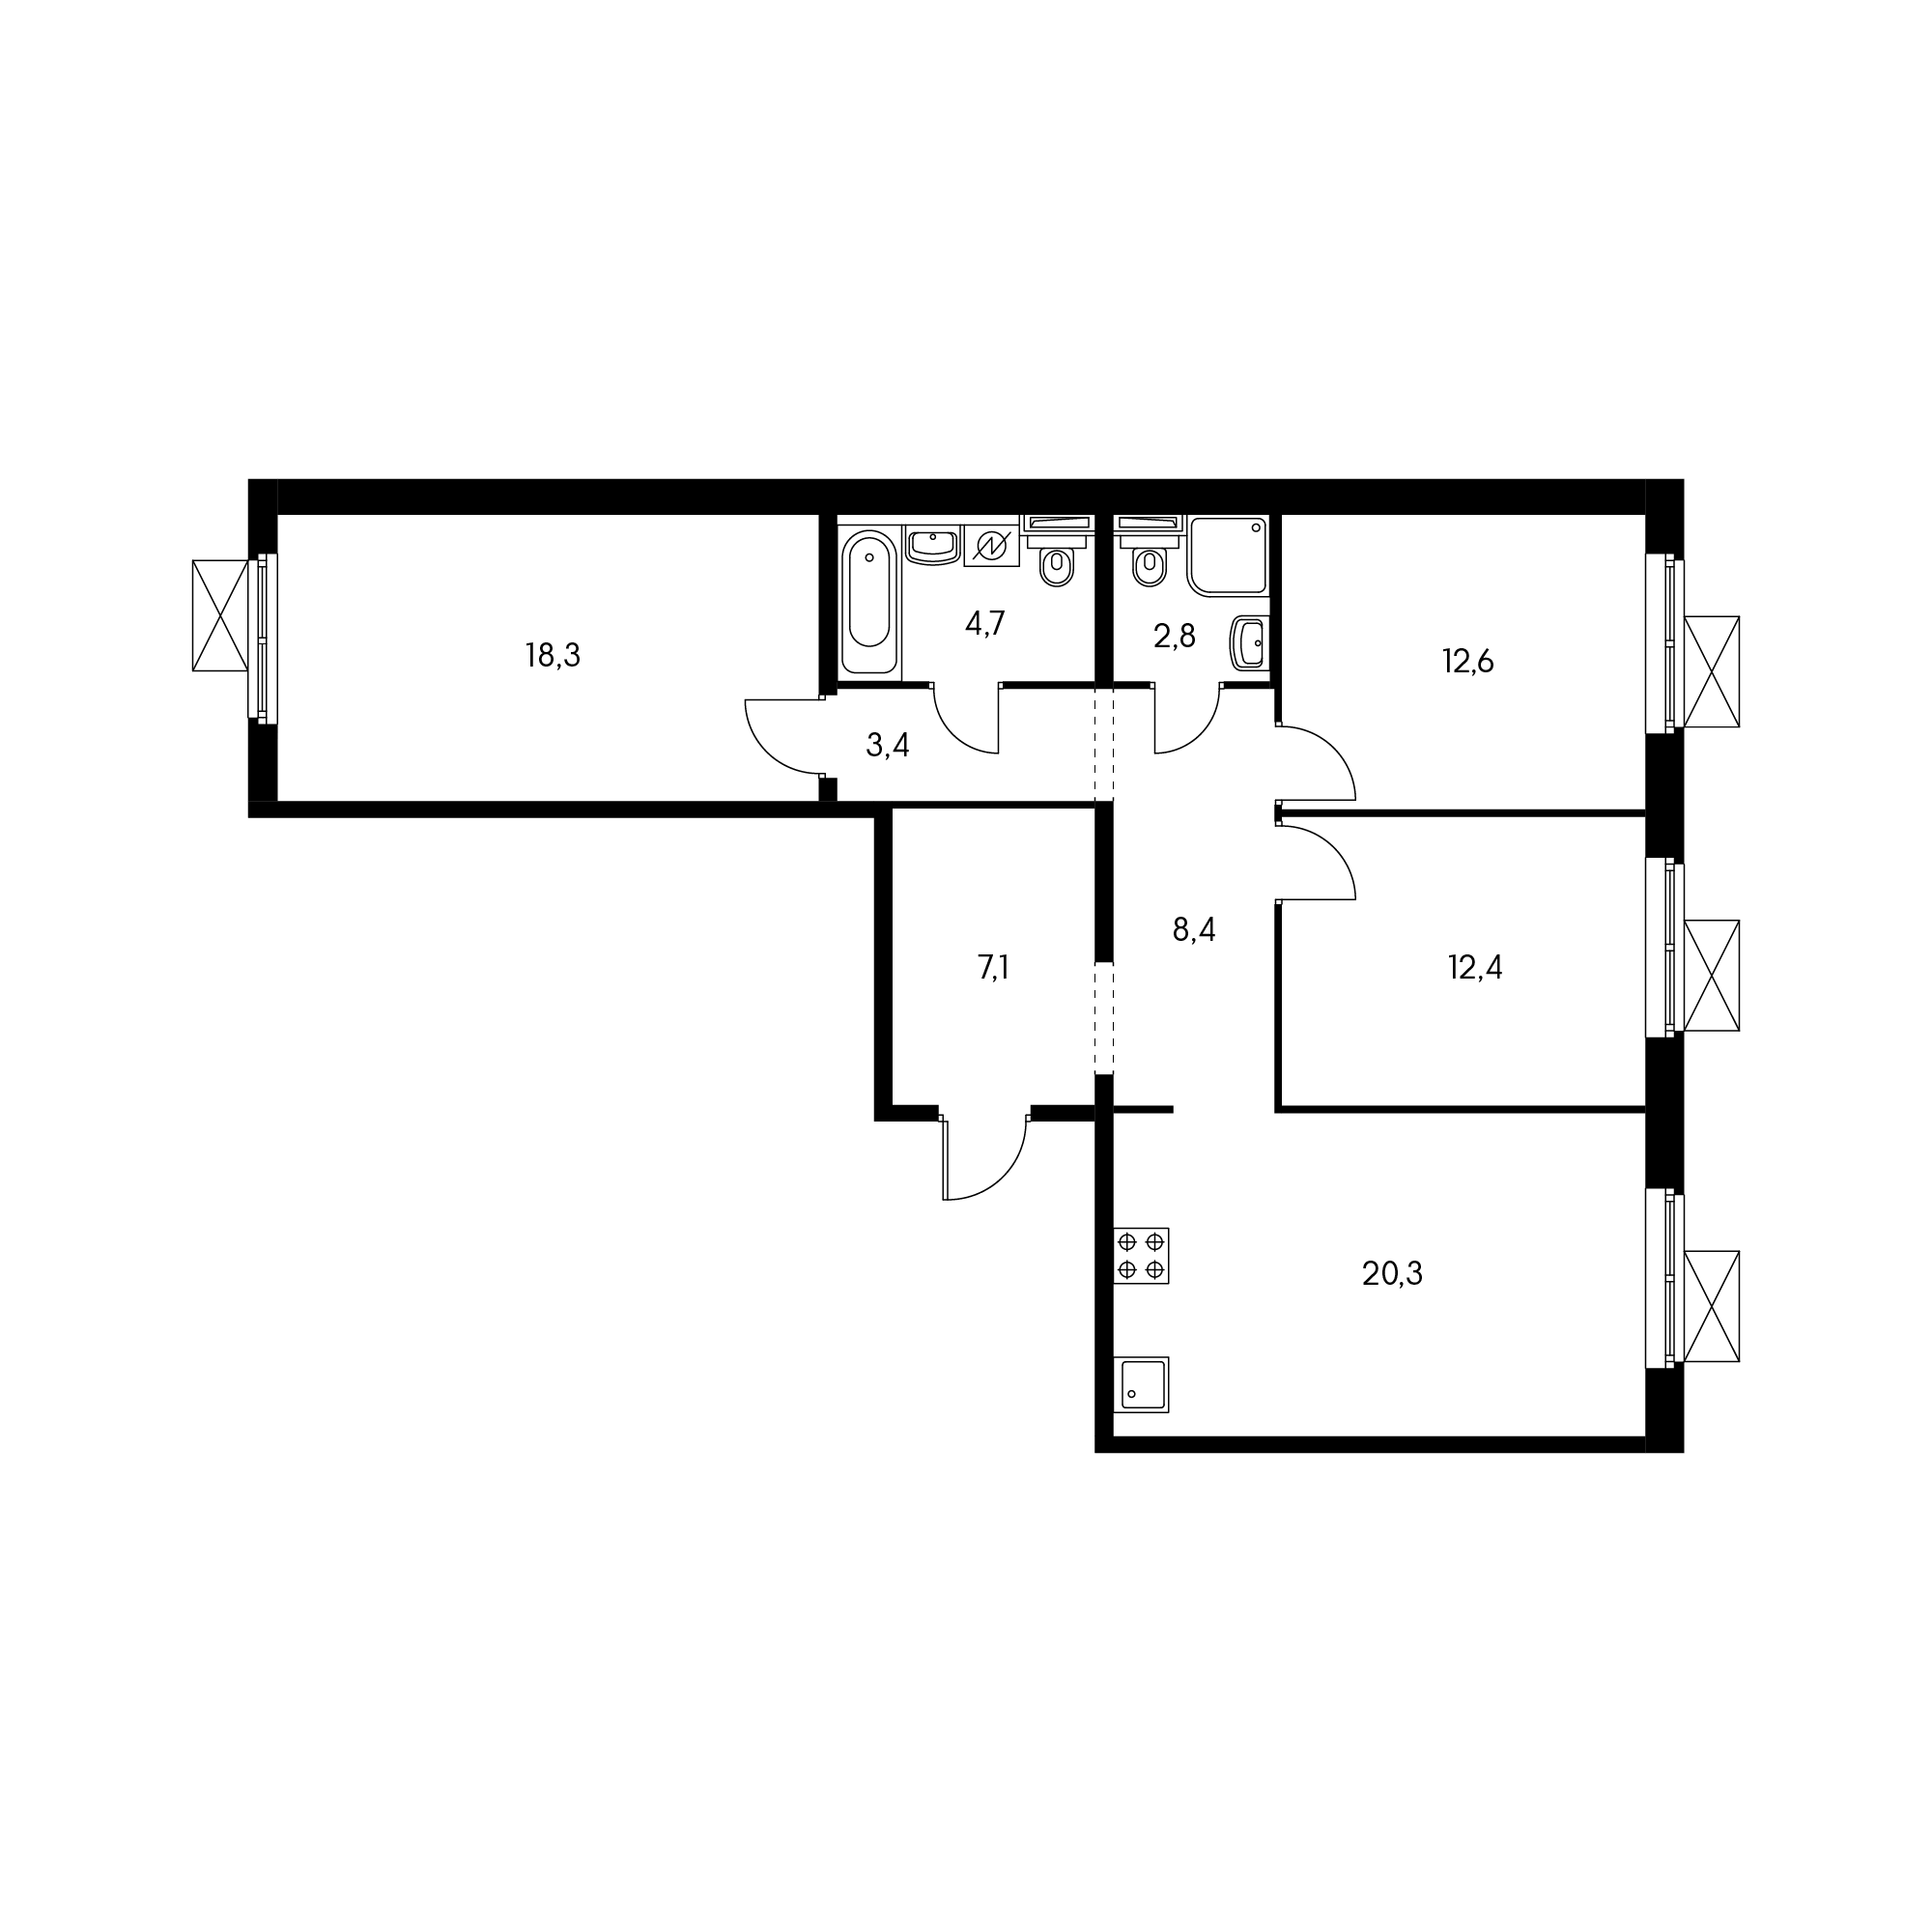 3-комнатная 88.7 м²